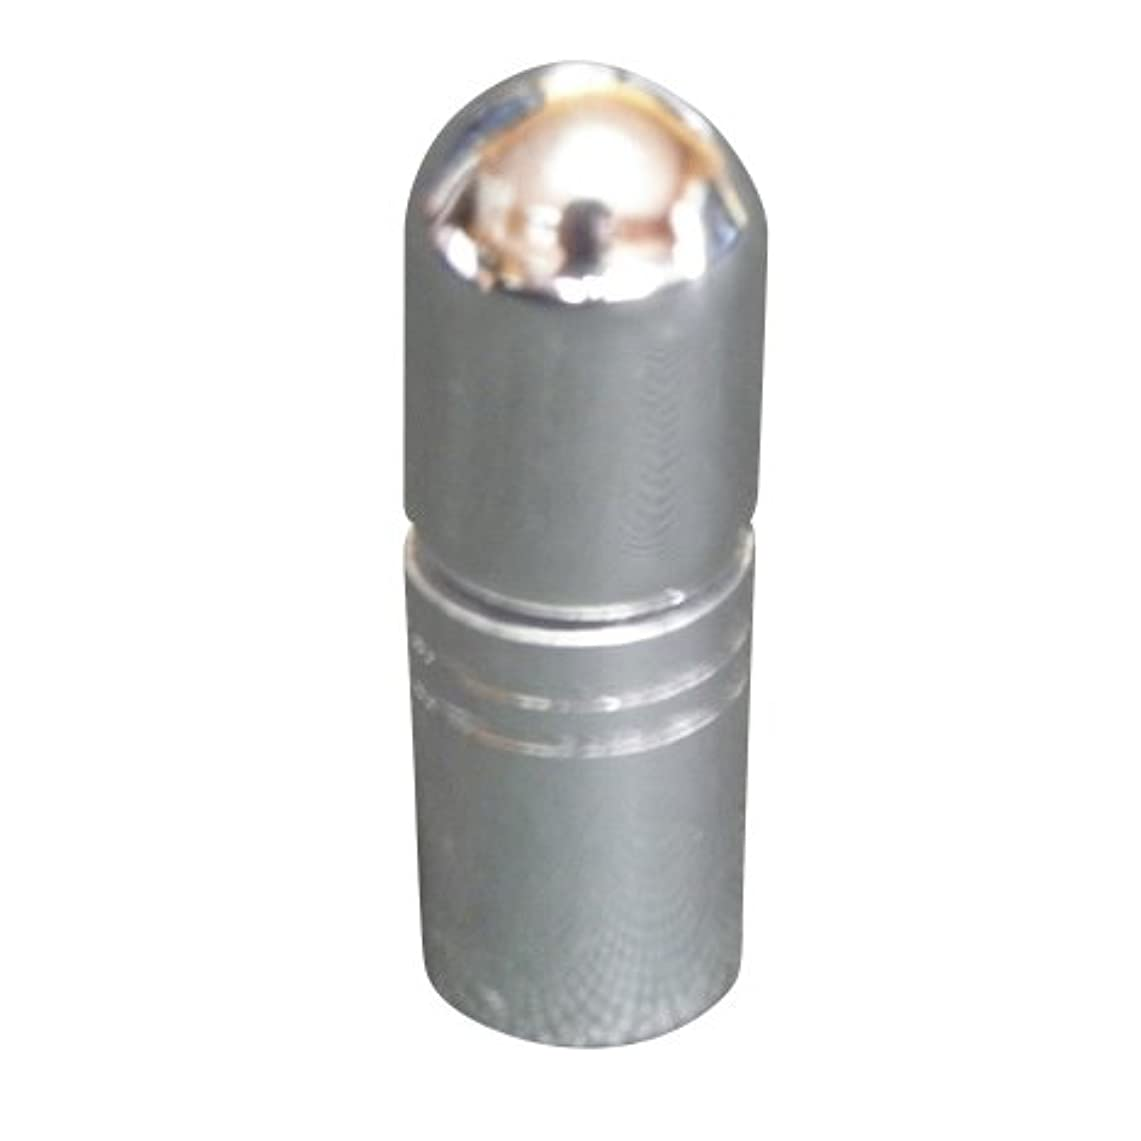 鎖大騒ぎ本物のアトマイザー 携帯 持ち運び ミニ サイズ 3ml ロール オン タイプ 香水 詰め替え (シルバー)